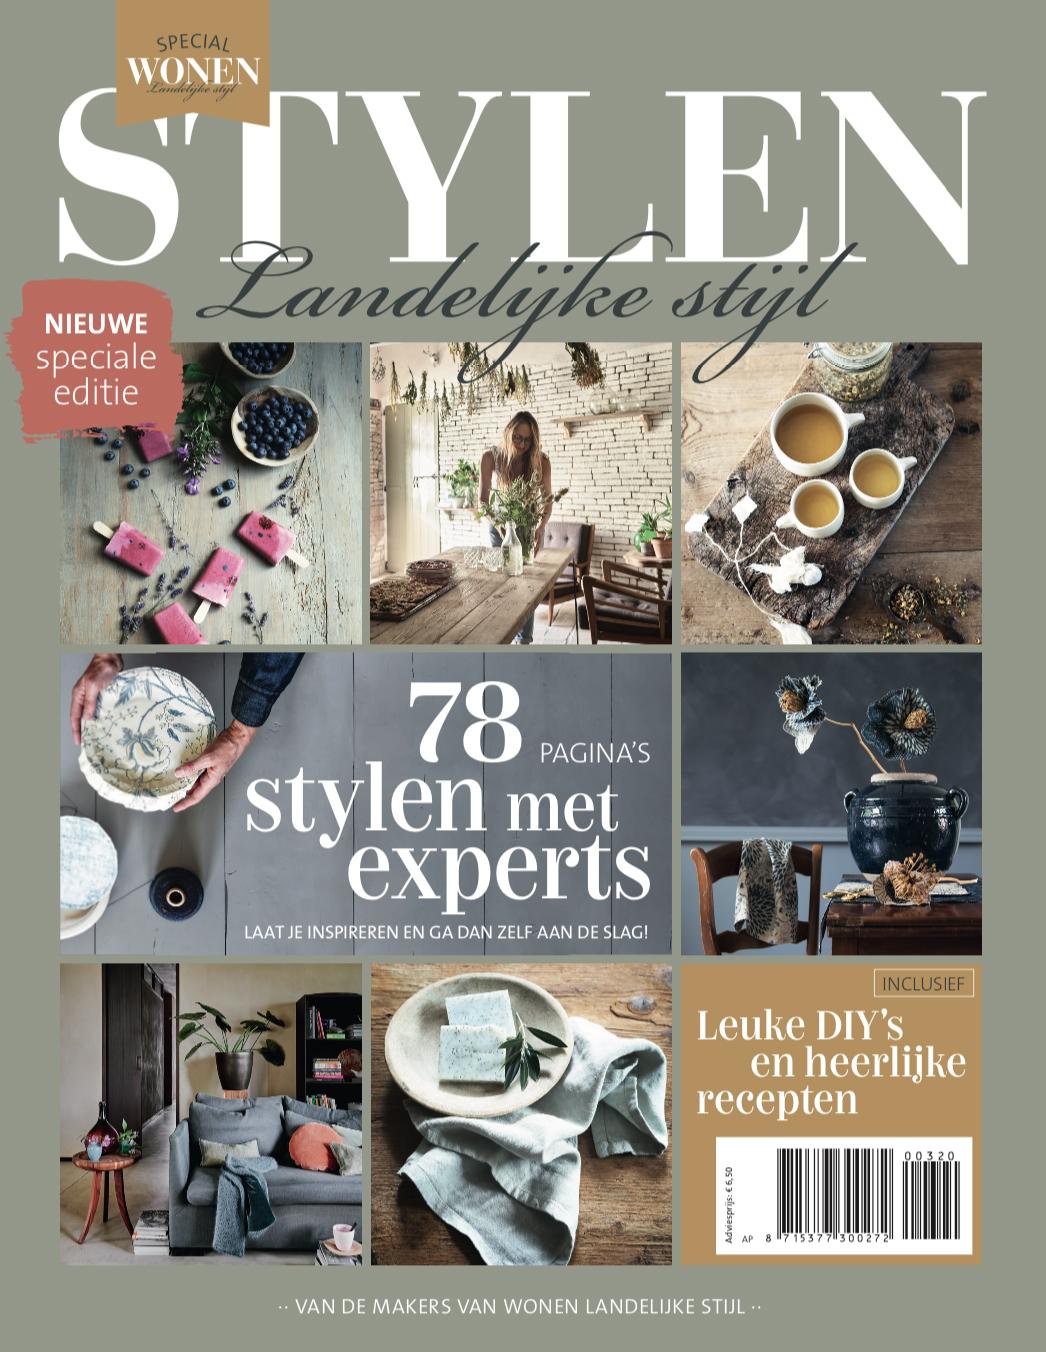 stylen landelijke stijl cover